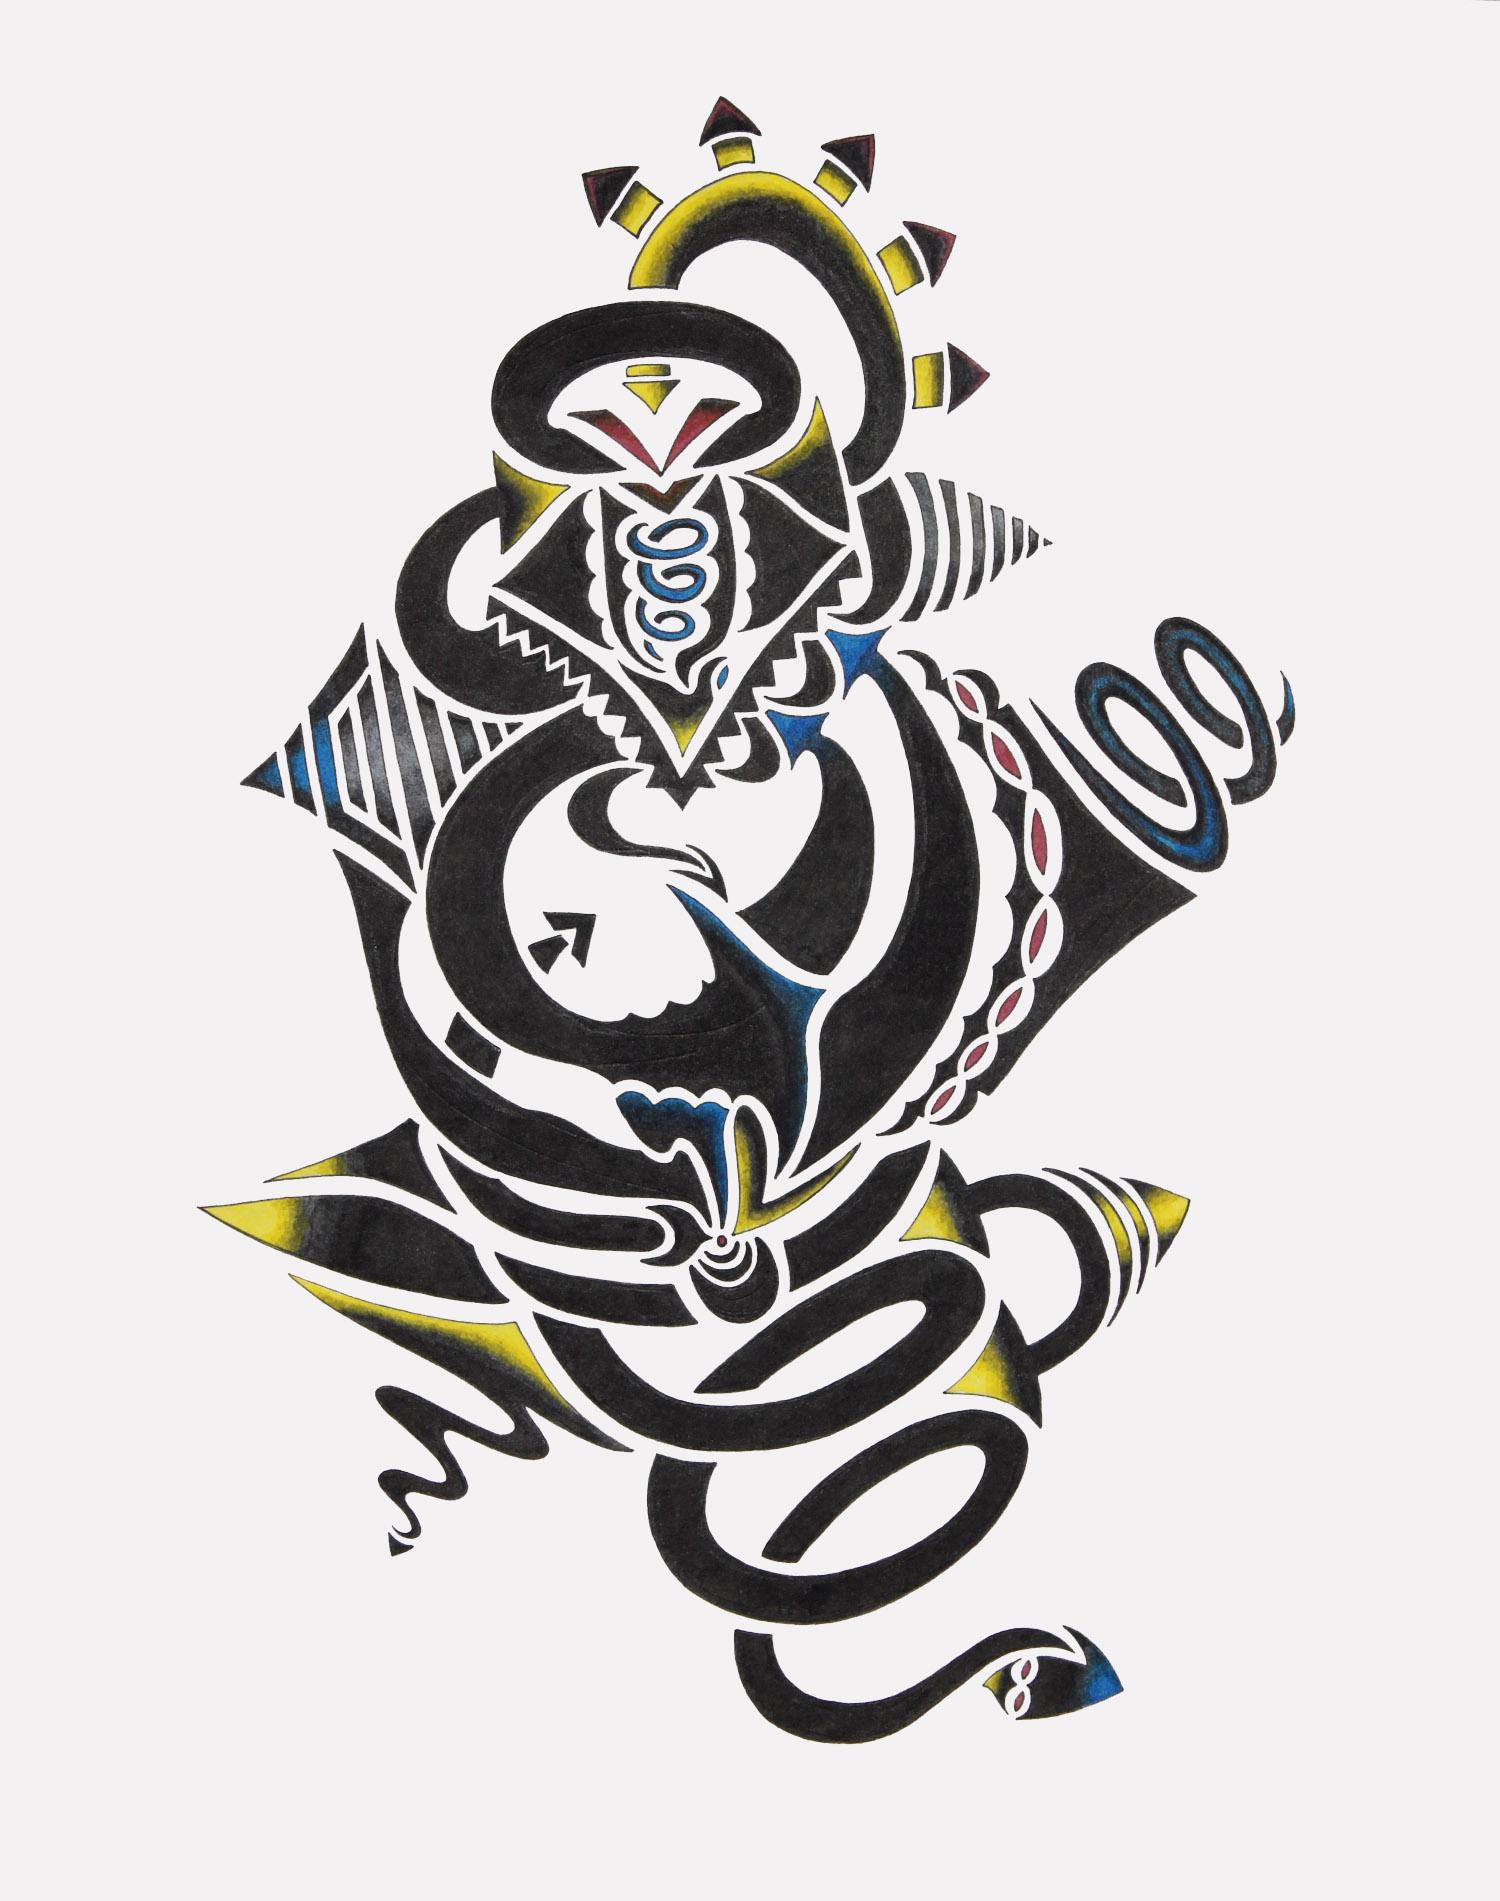 doodle #40, 13.25X11, 2015